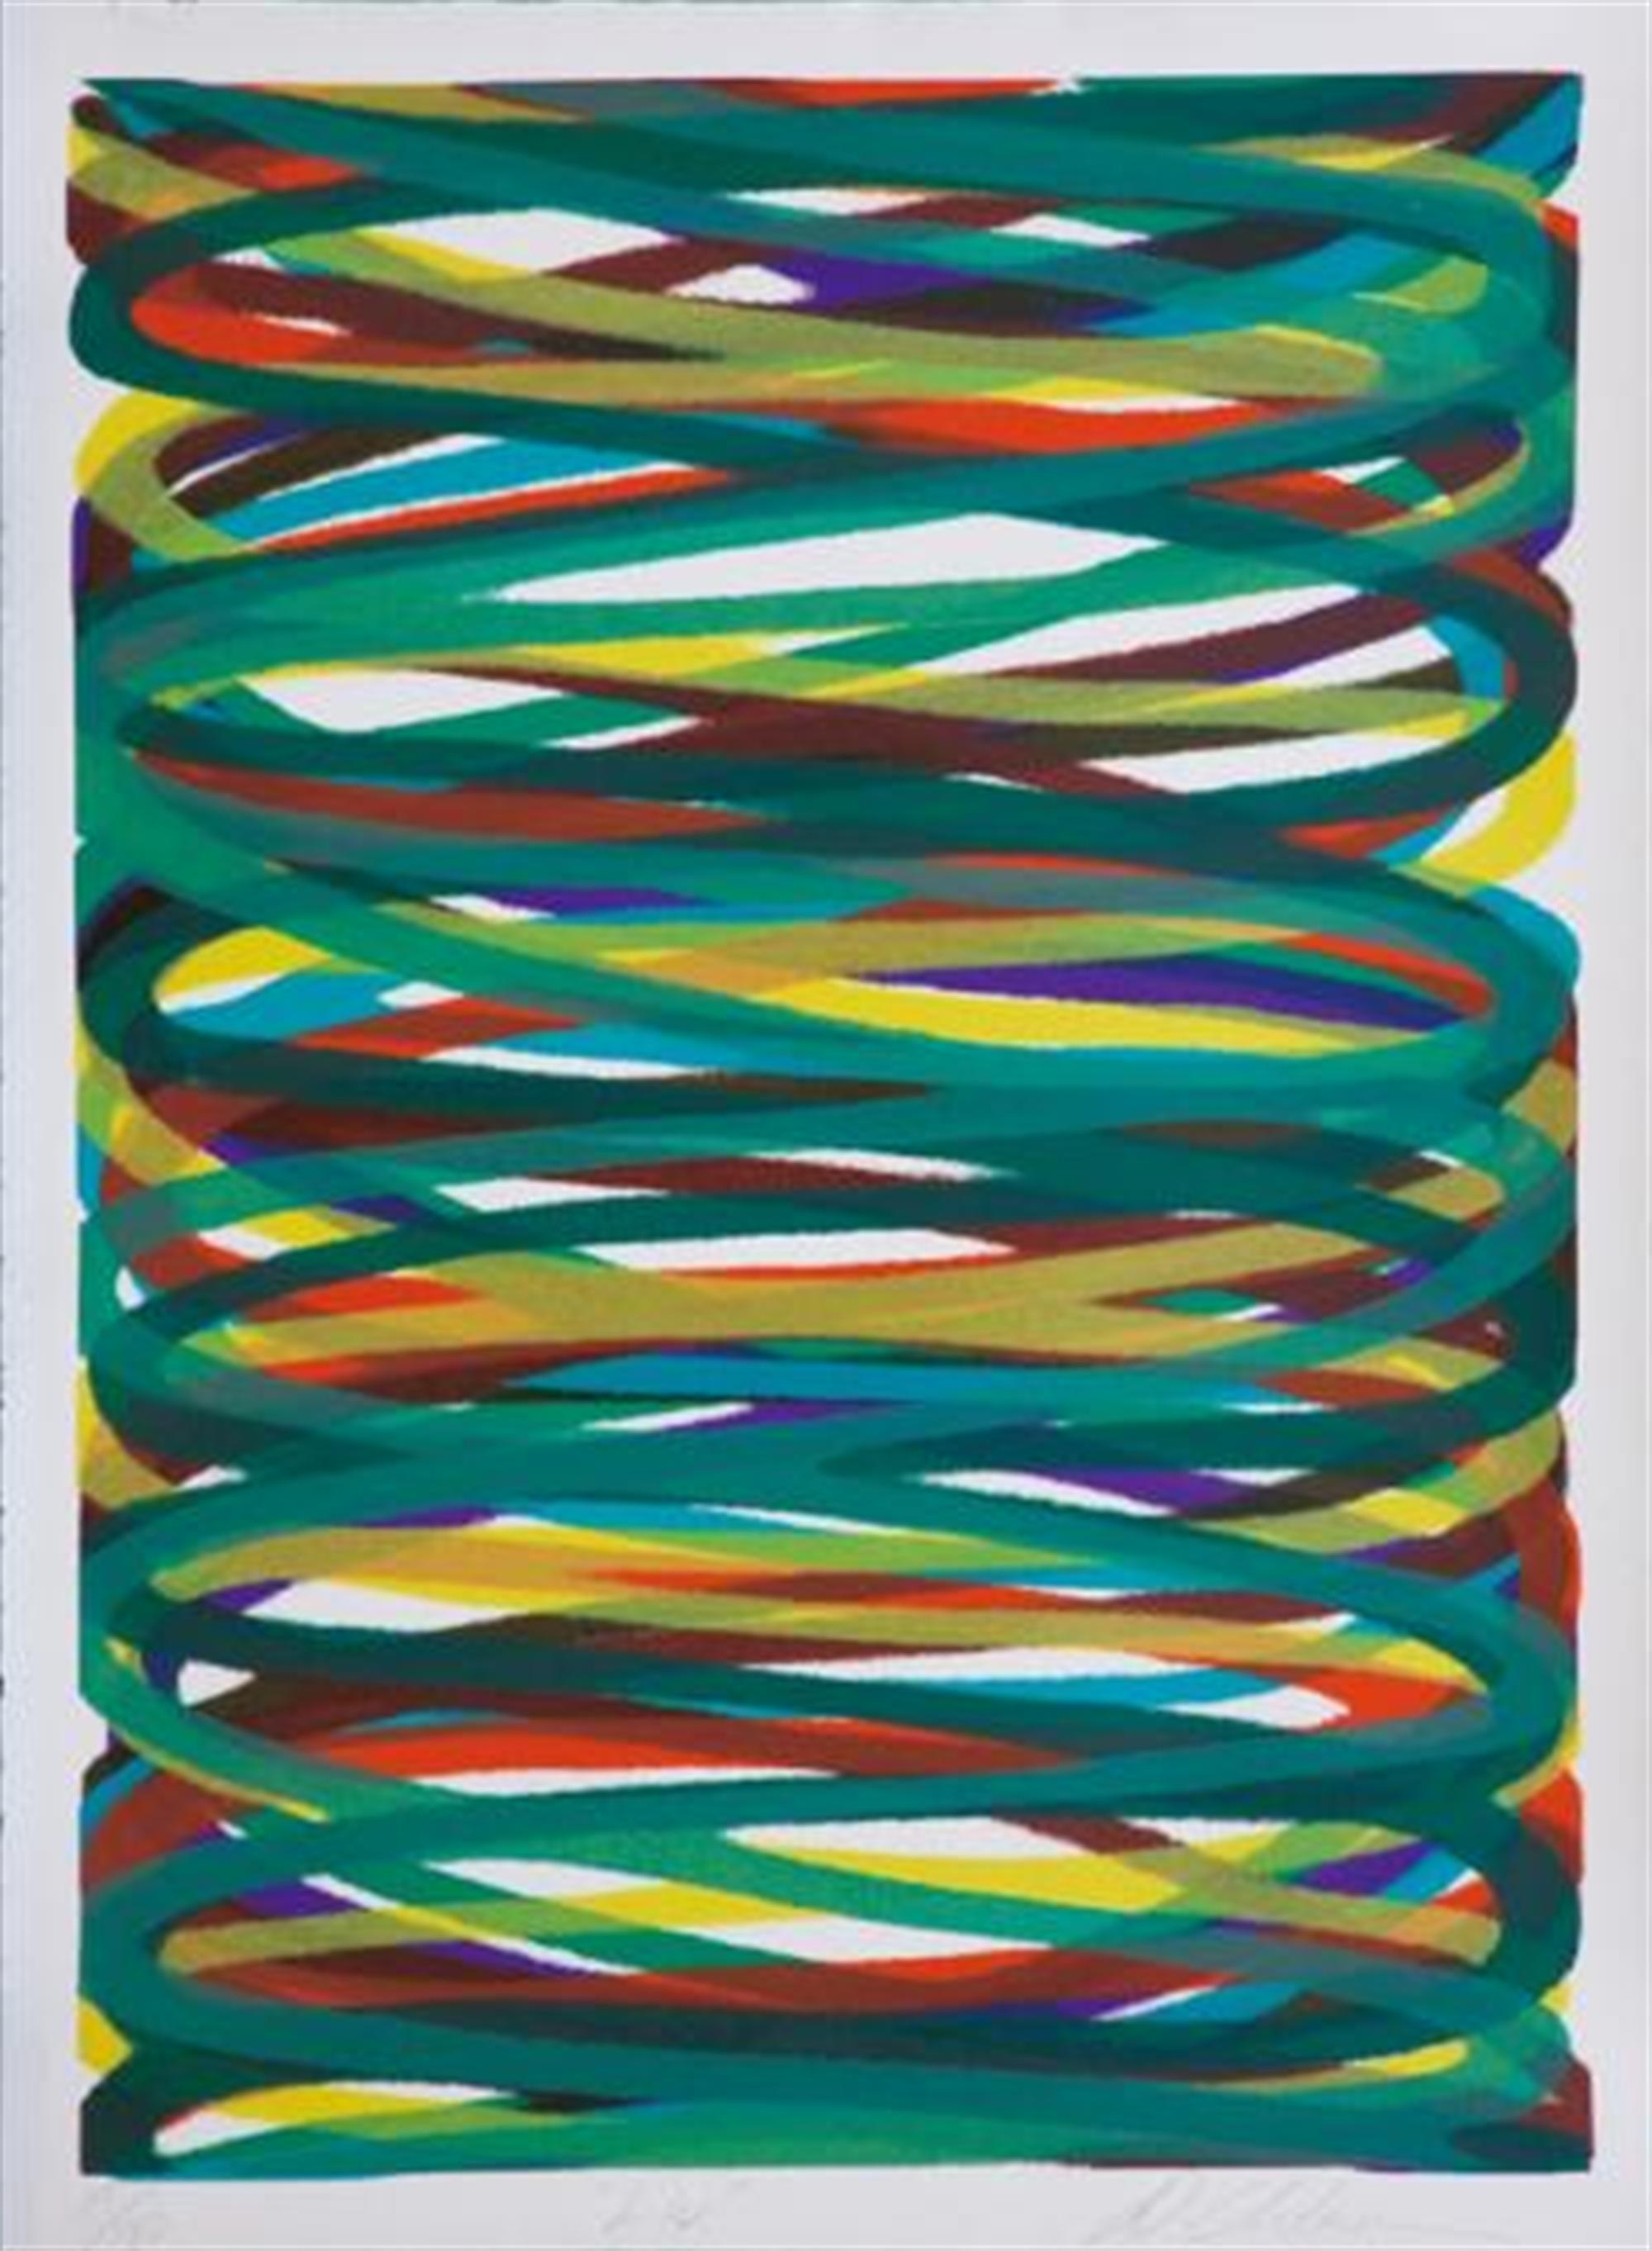 L.W. by Dan Christensen